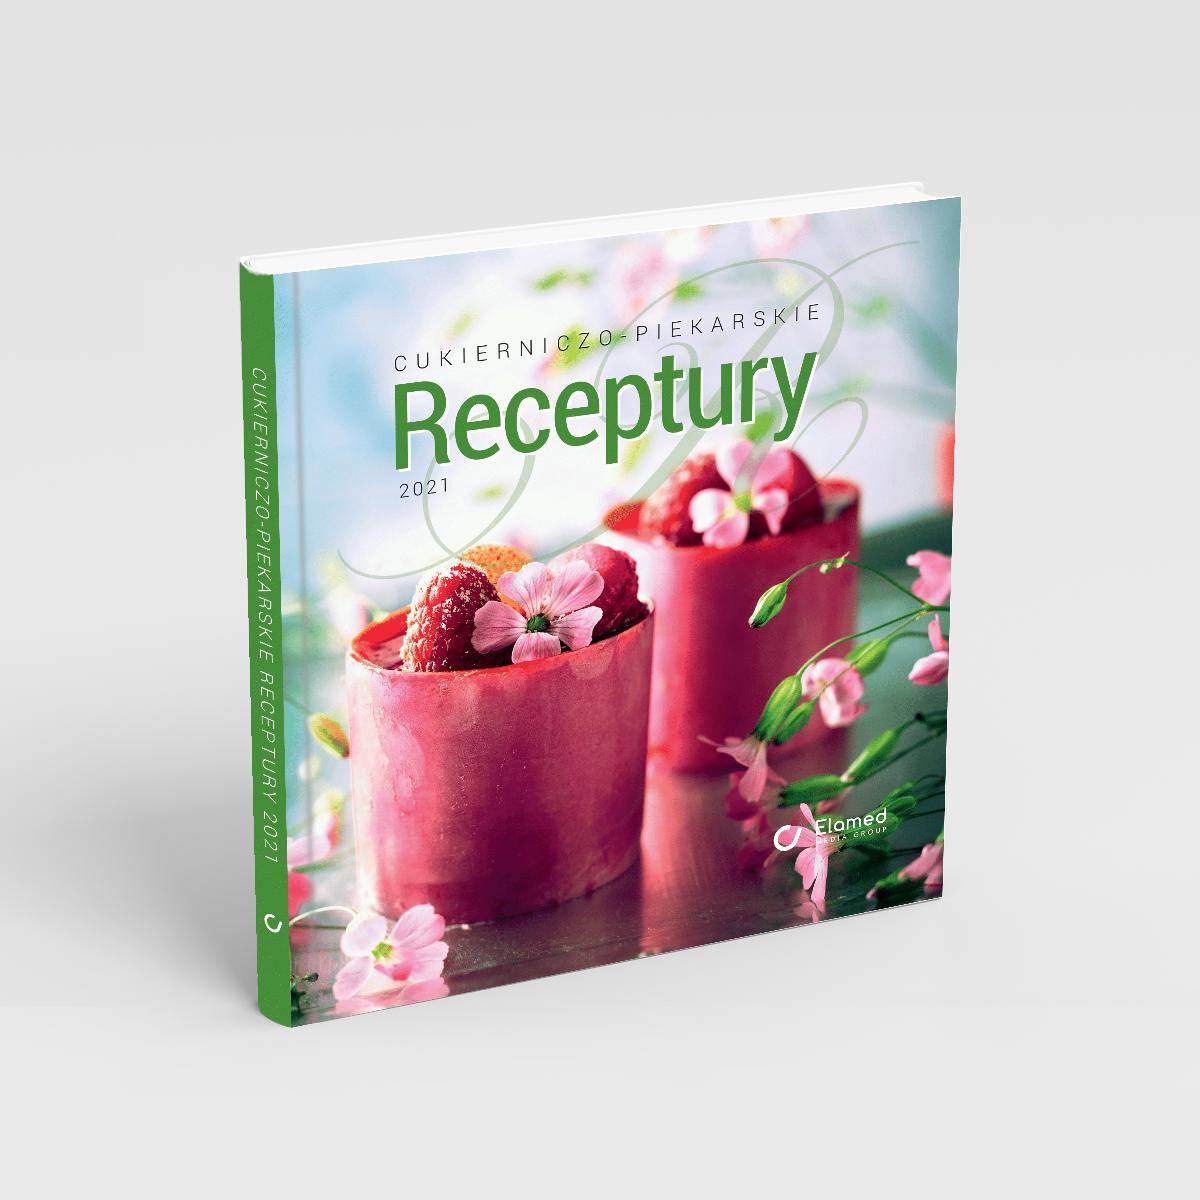 Cukierniczo-piekarskie receptury 2021